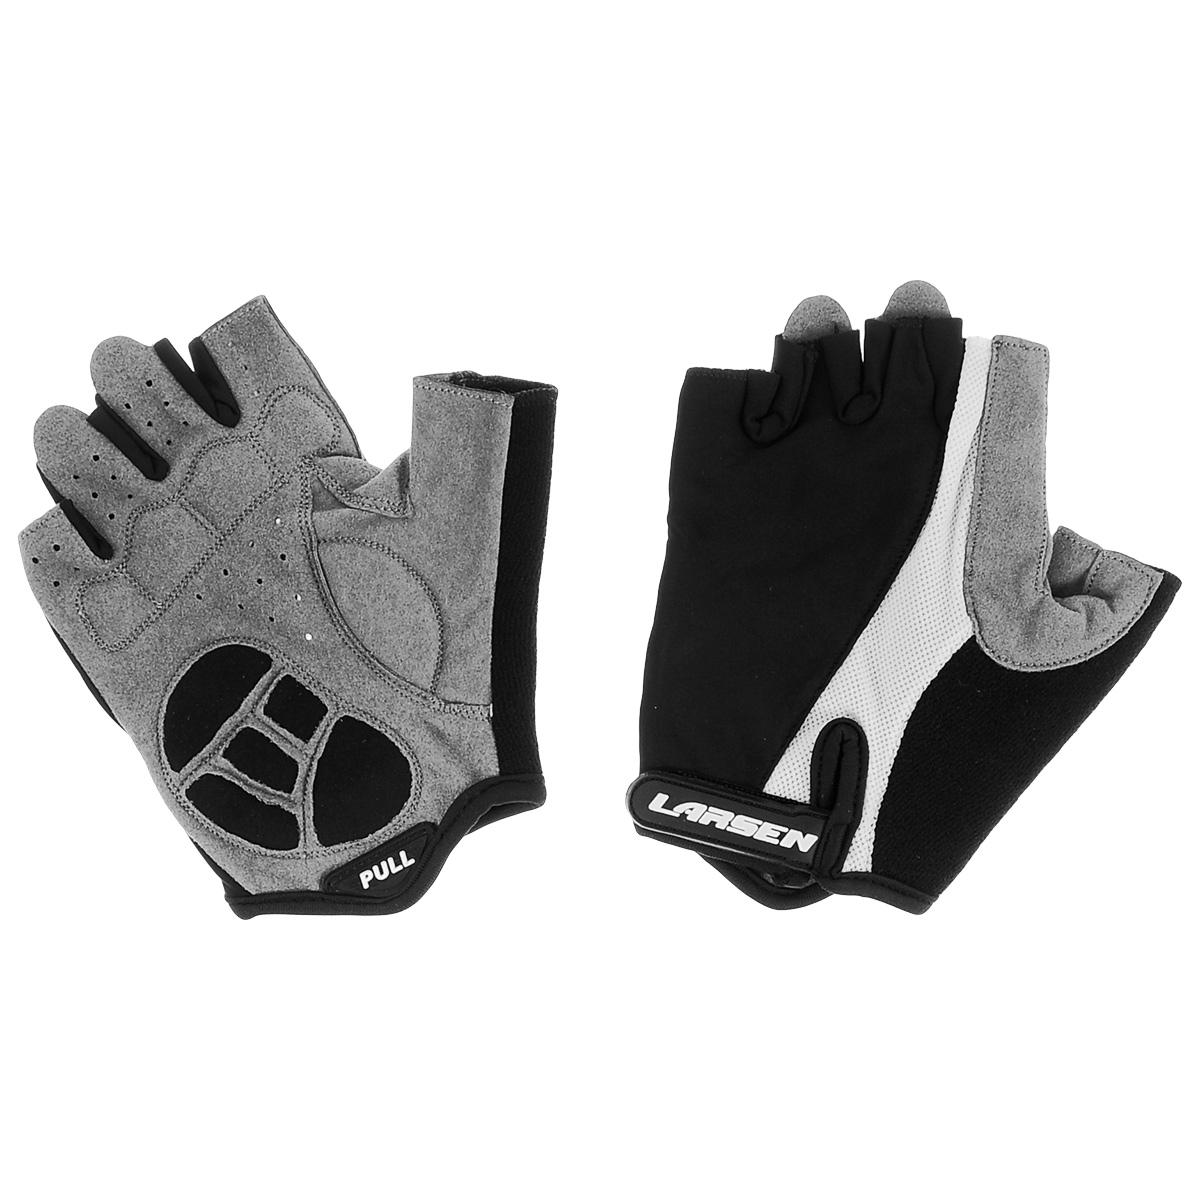 Велоперчатки Larsen, цвет: черный, серый, белый. Размер S. 01-1226Х81535-МВелоперчатки Larsen выполнены из высококачественного нейлона и амары. На ладонях расположены мягкие вставки для повышенного сцепления и системой Pull Off на пальцах. Застежка Velcro надежно фиксирует перчатки на руке. Сетка способствует хорошей вентиляции.